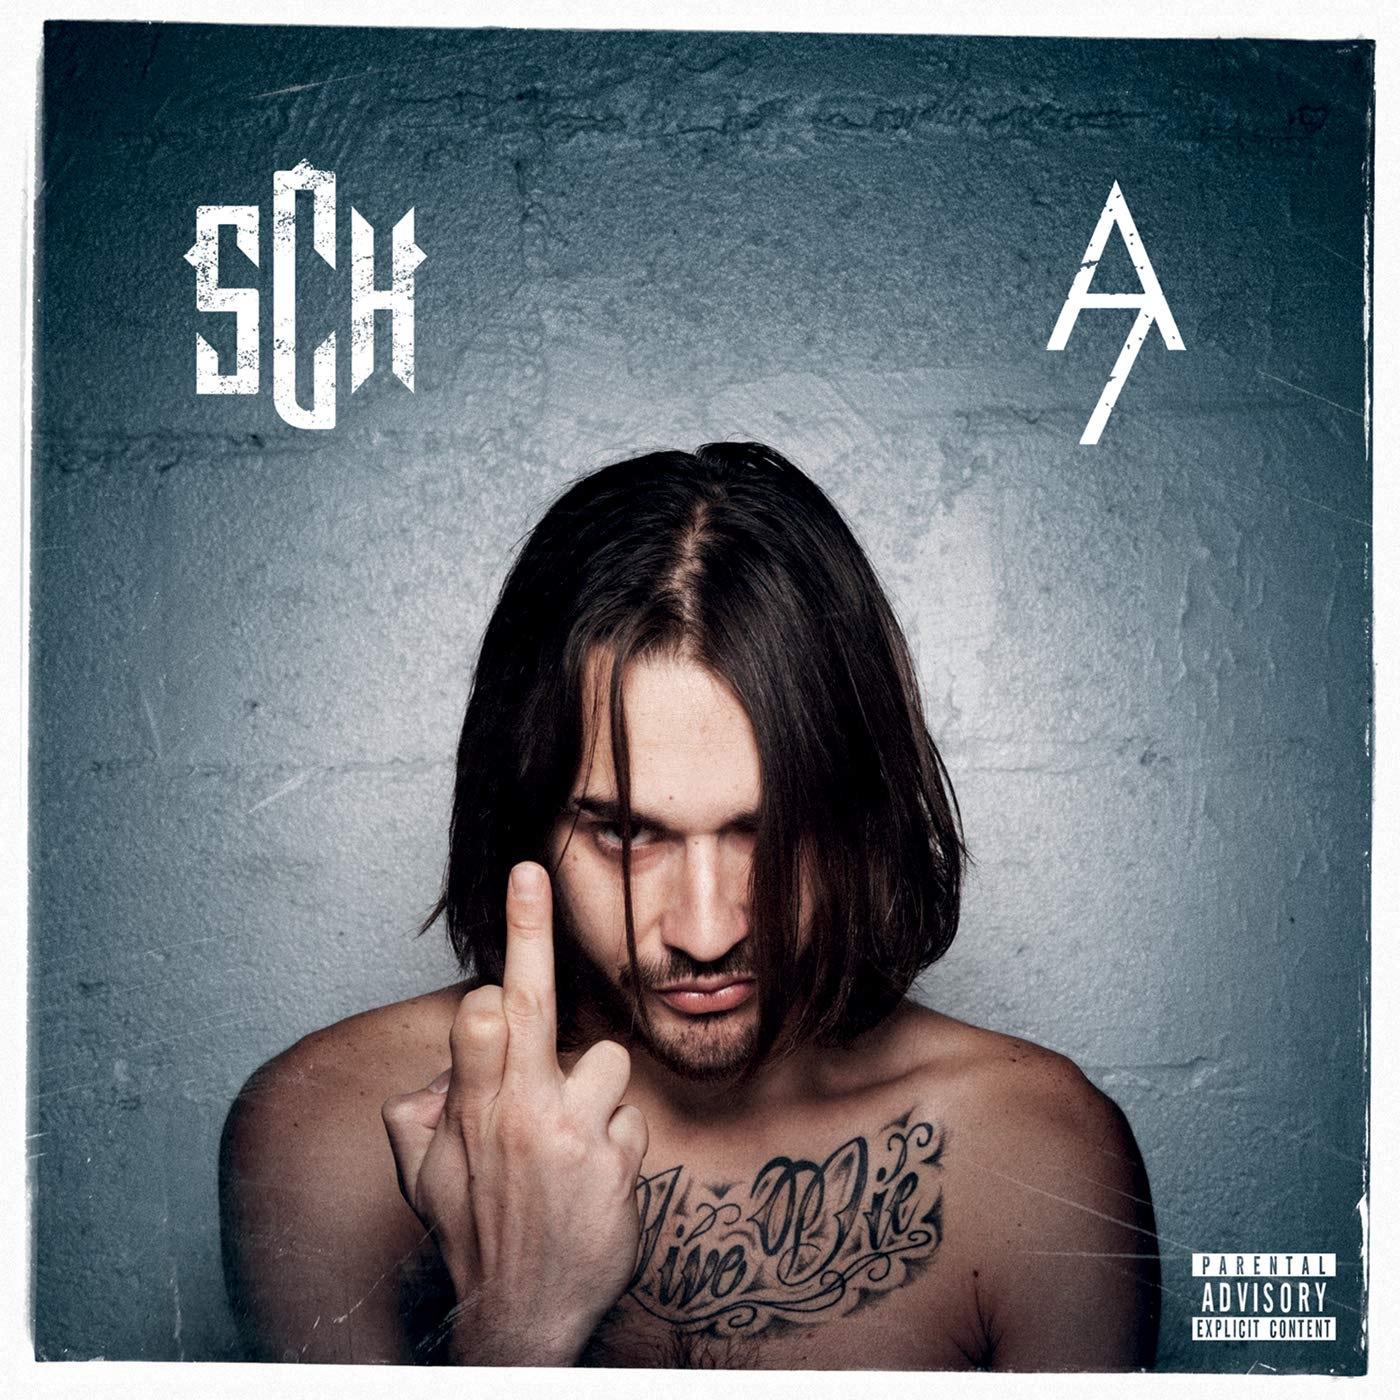 CD Album A7 - SCH